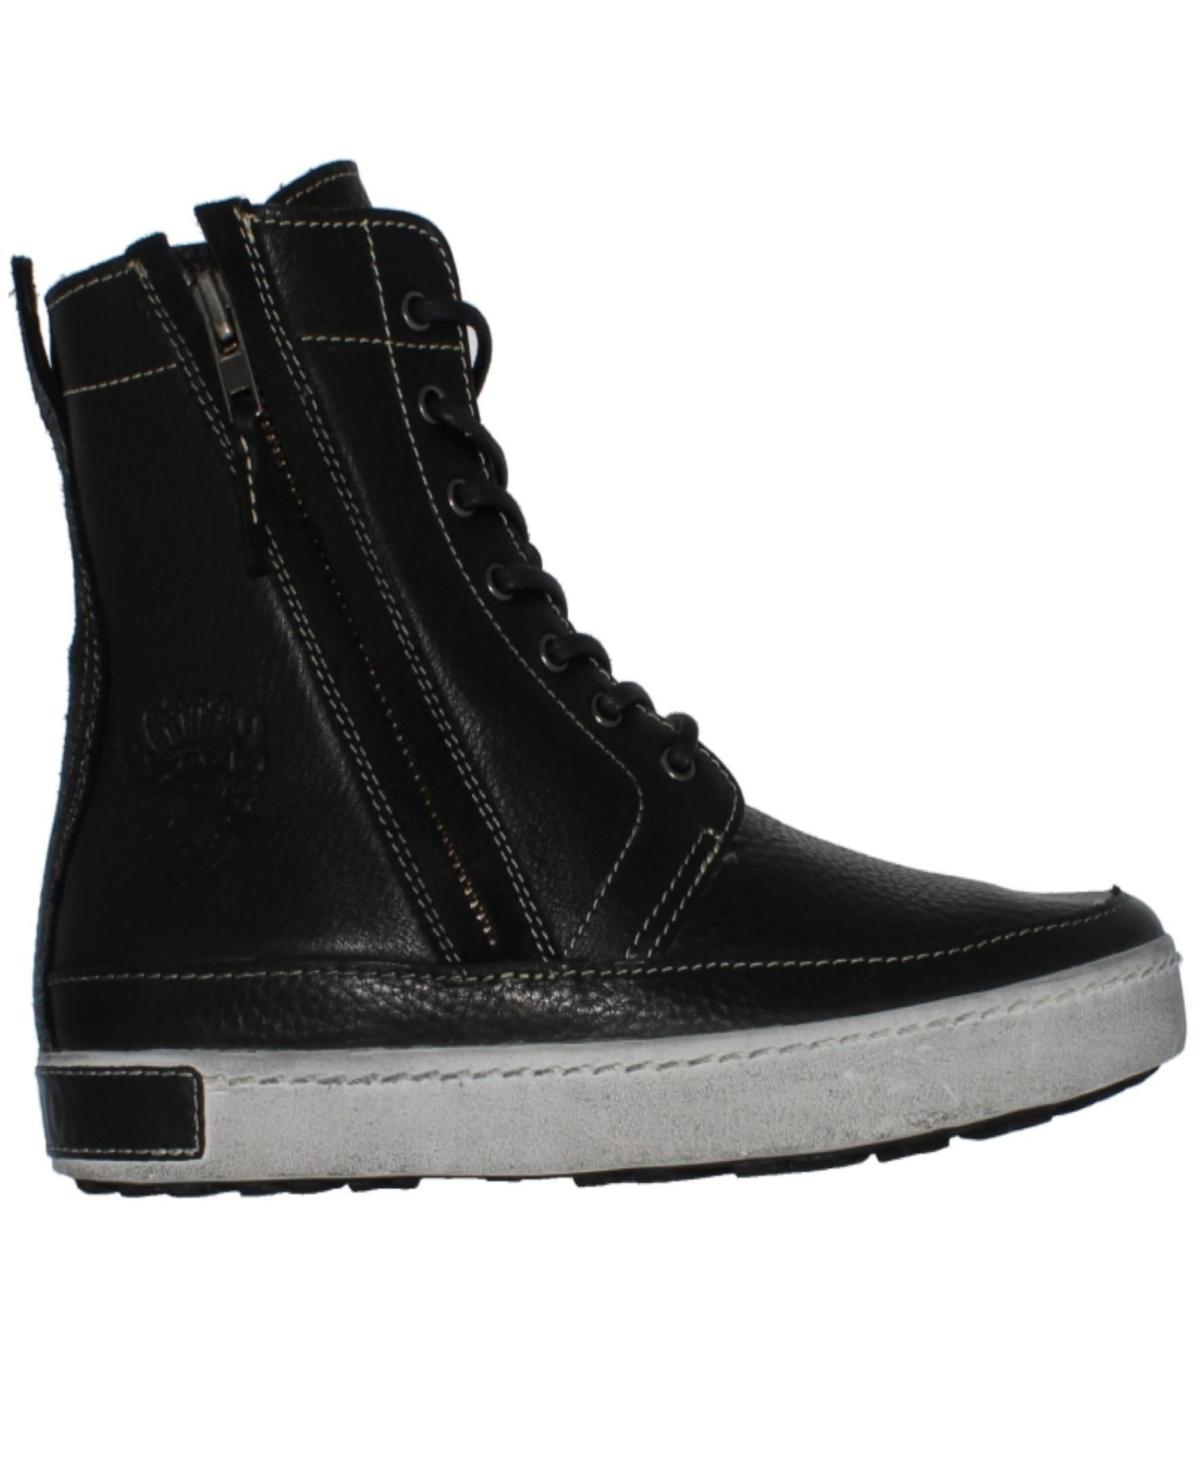 Blackstone Shoes Men's Sneakers Men's Shoes